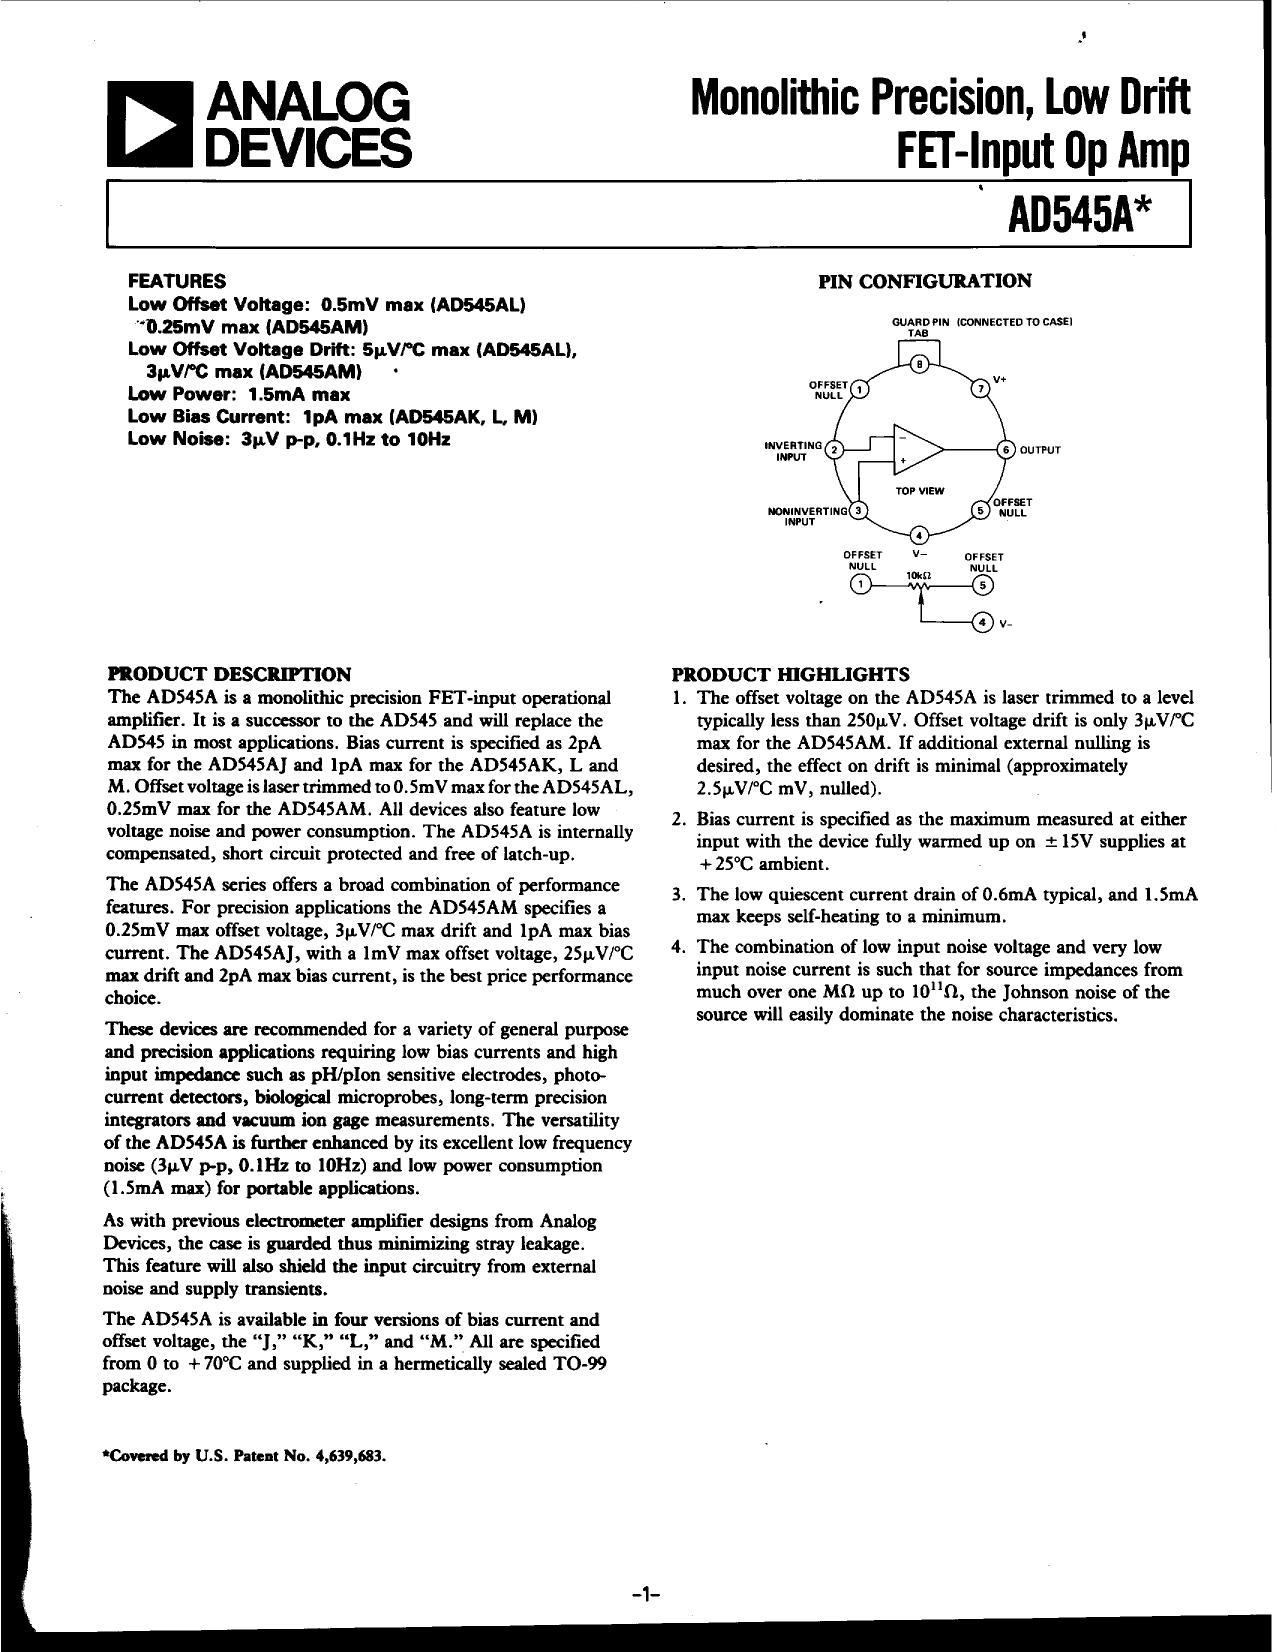 lm324 op amp datasheet pdf